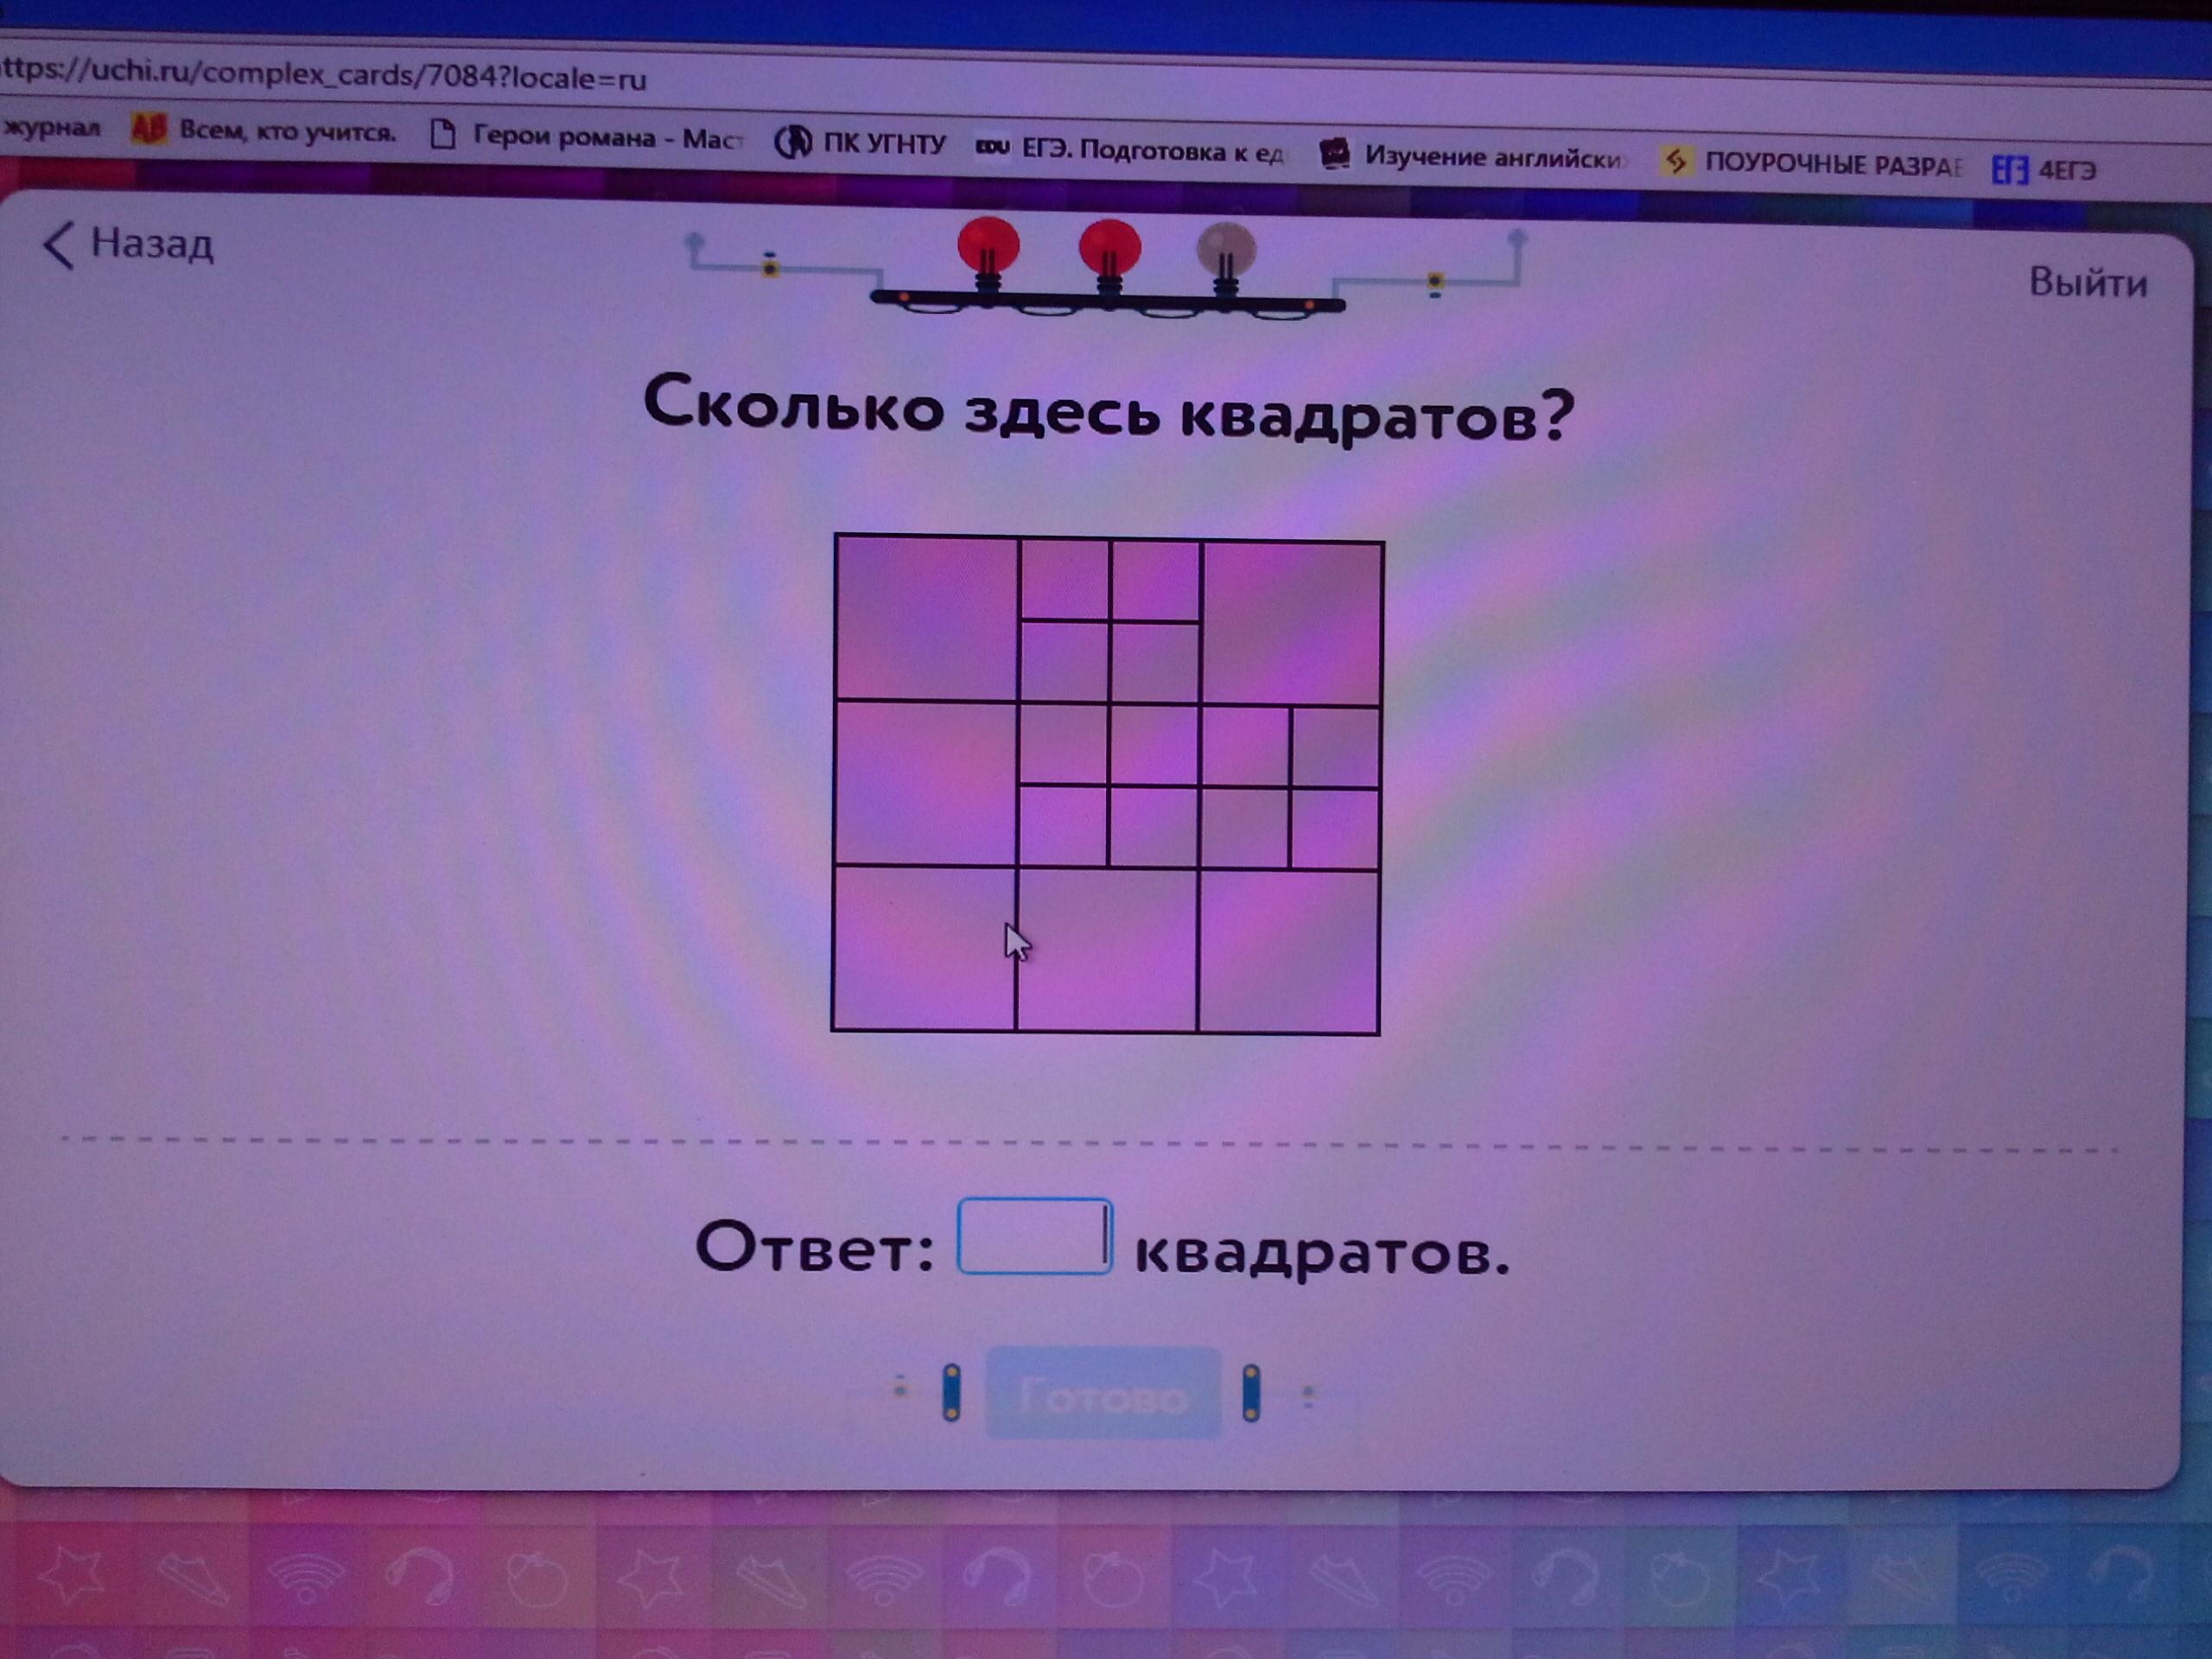 Сколько здесь квадратов?